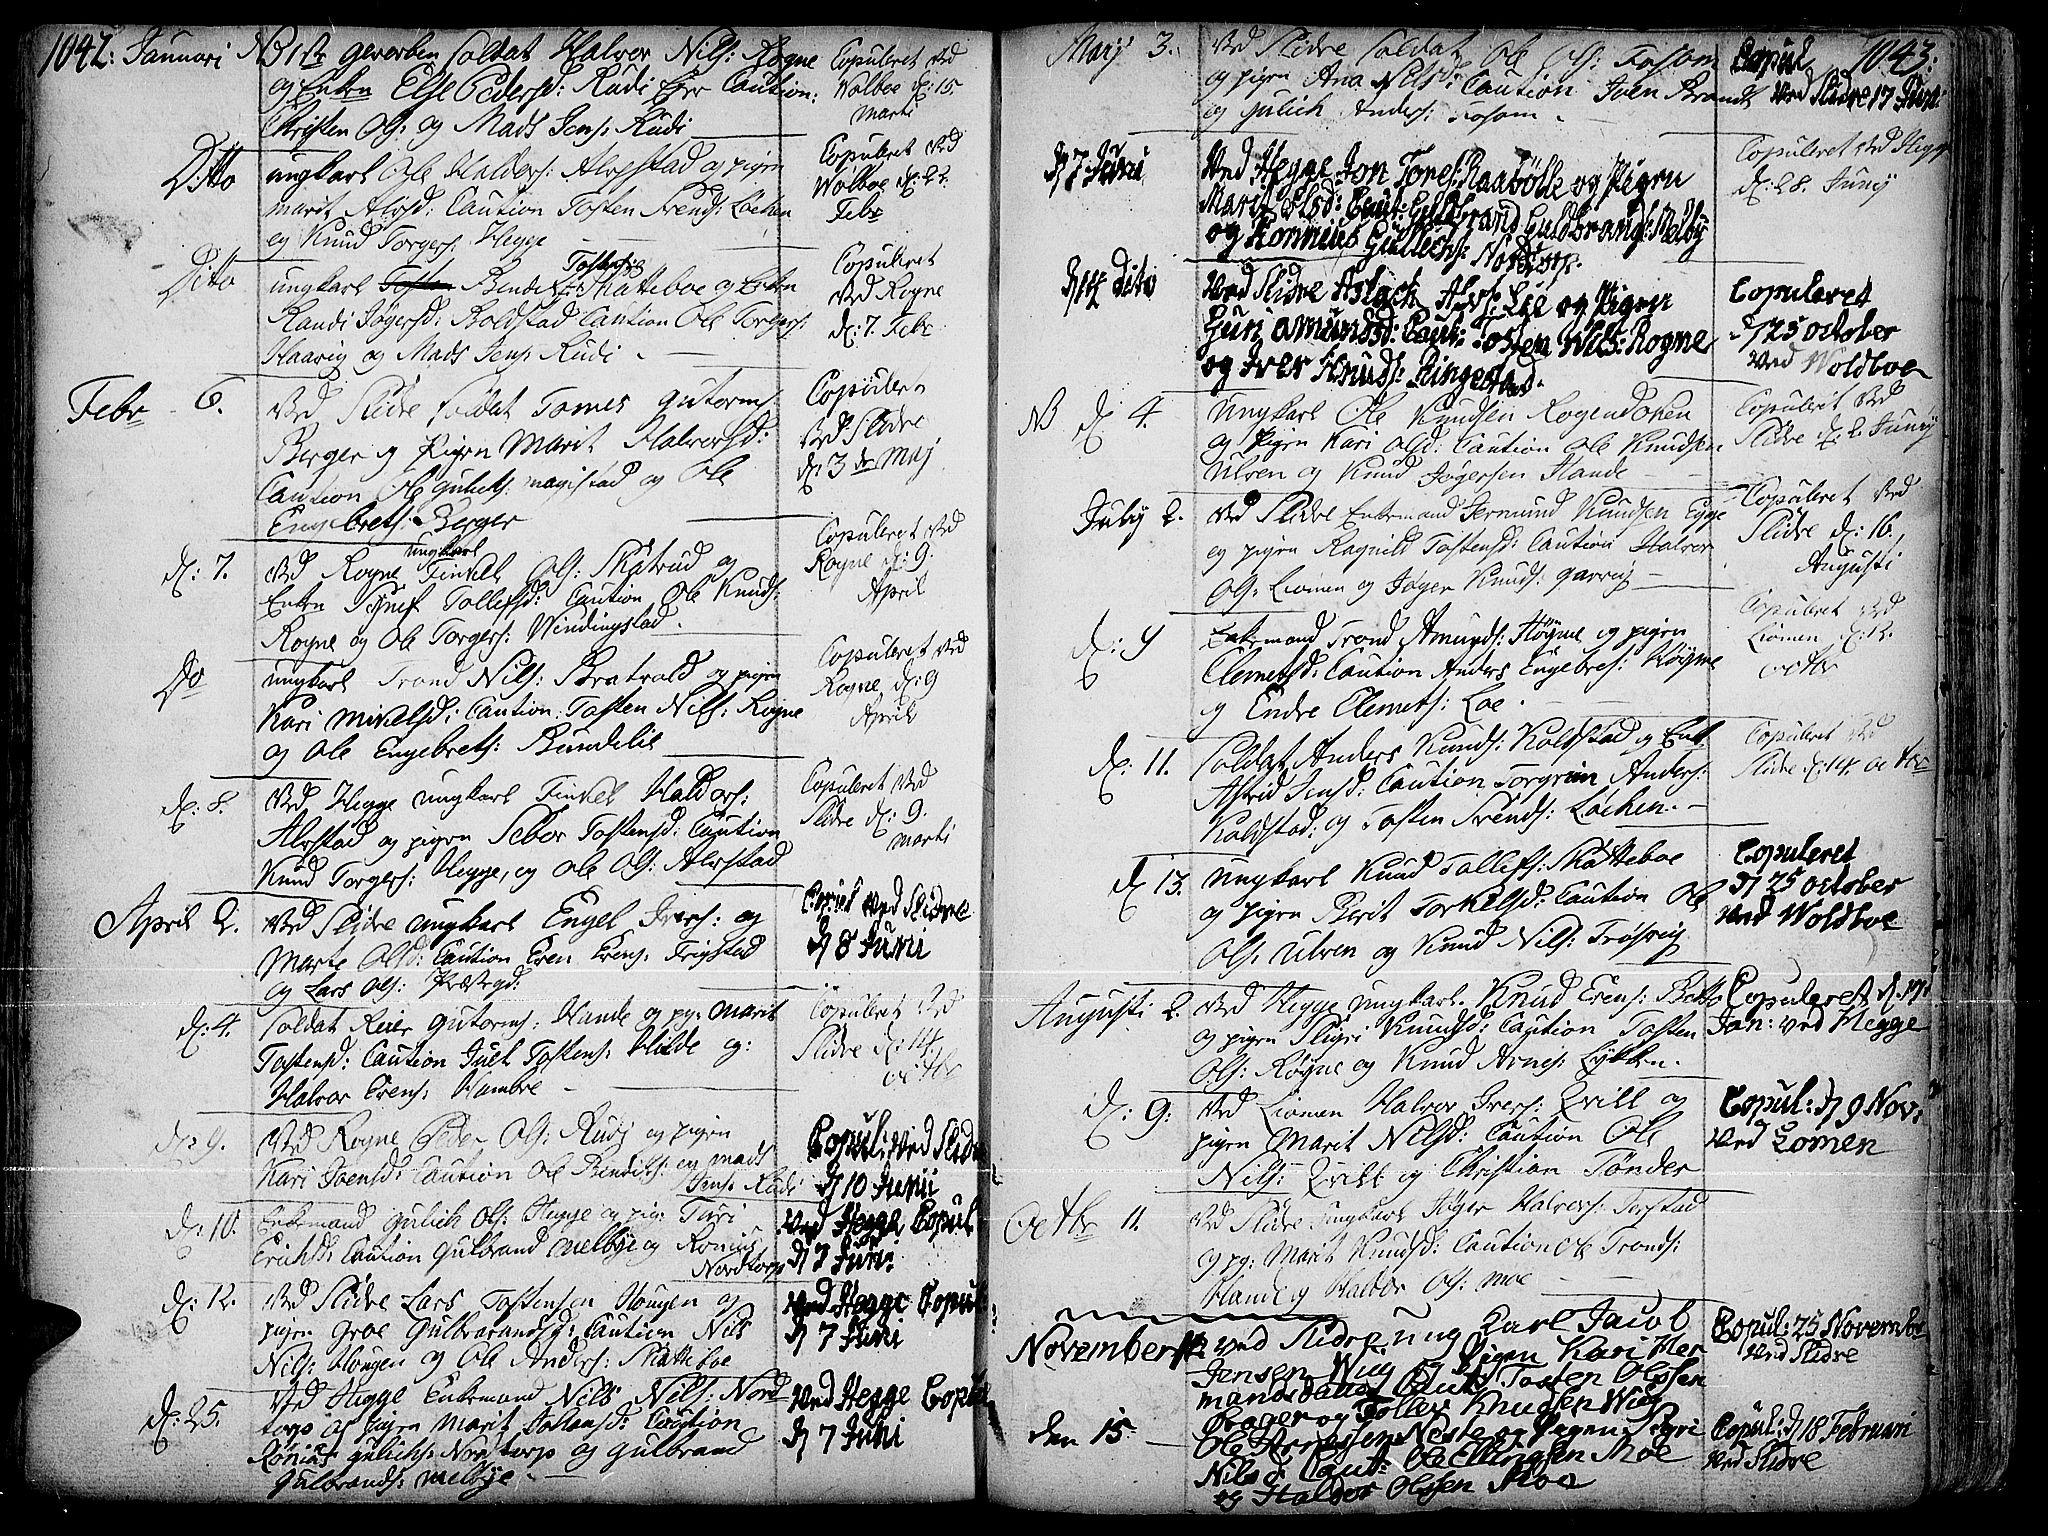 SAH, Slidre prestekontor, Ministerialbok nr. 1, 1724-1814, s. 1042-1043